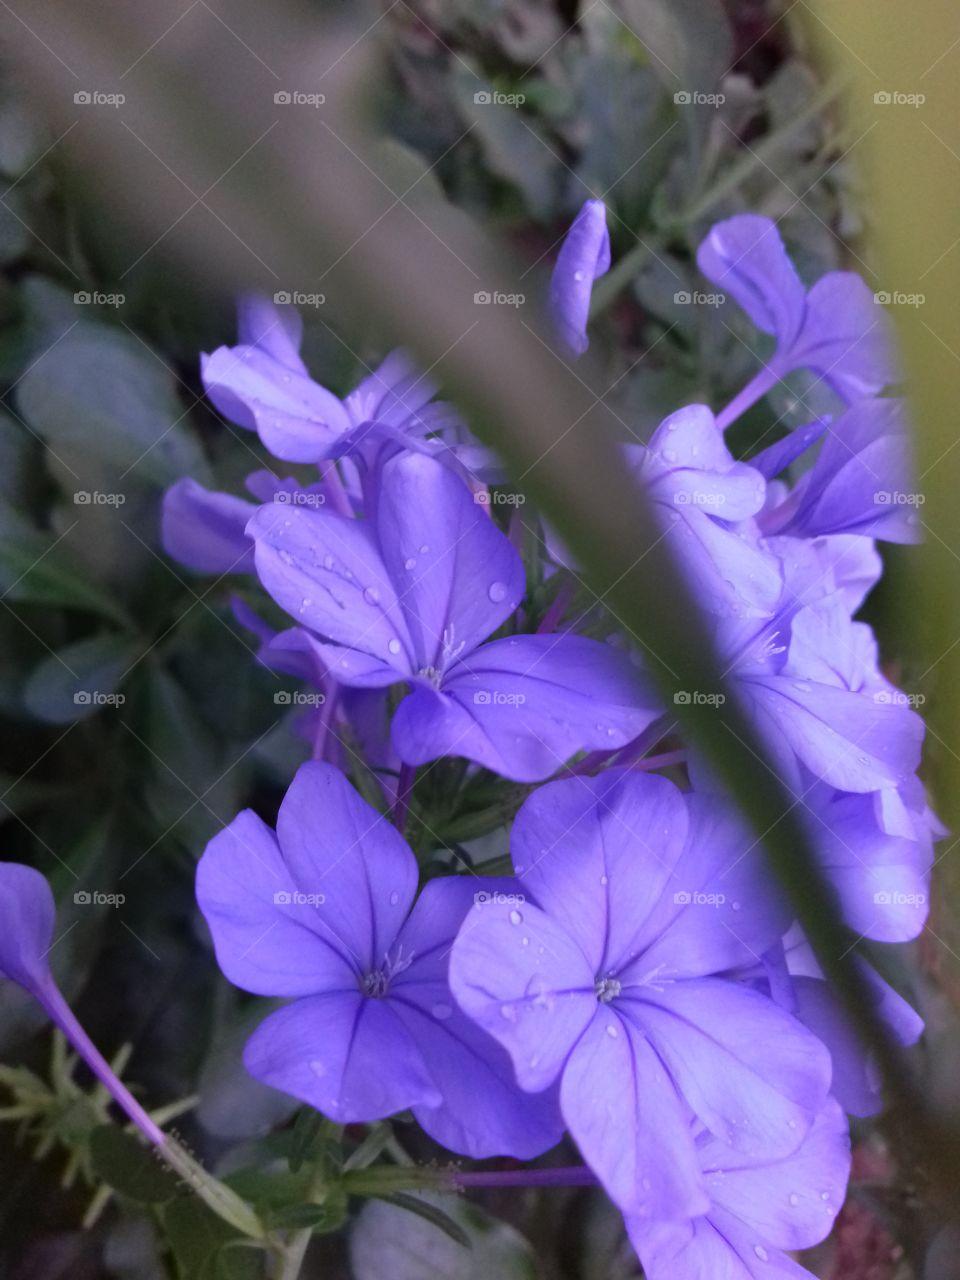 purple flower bunch